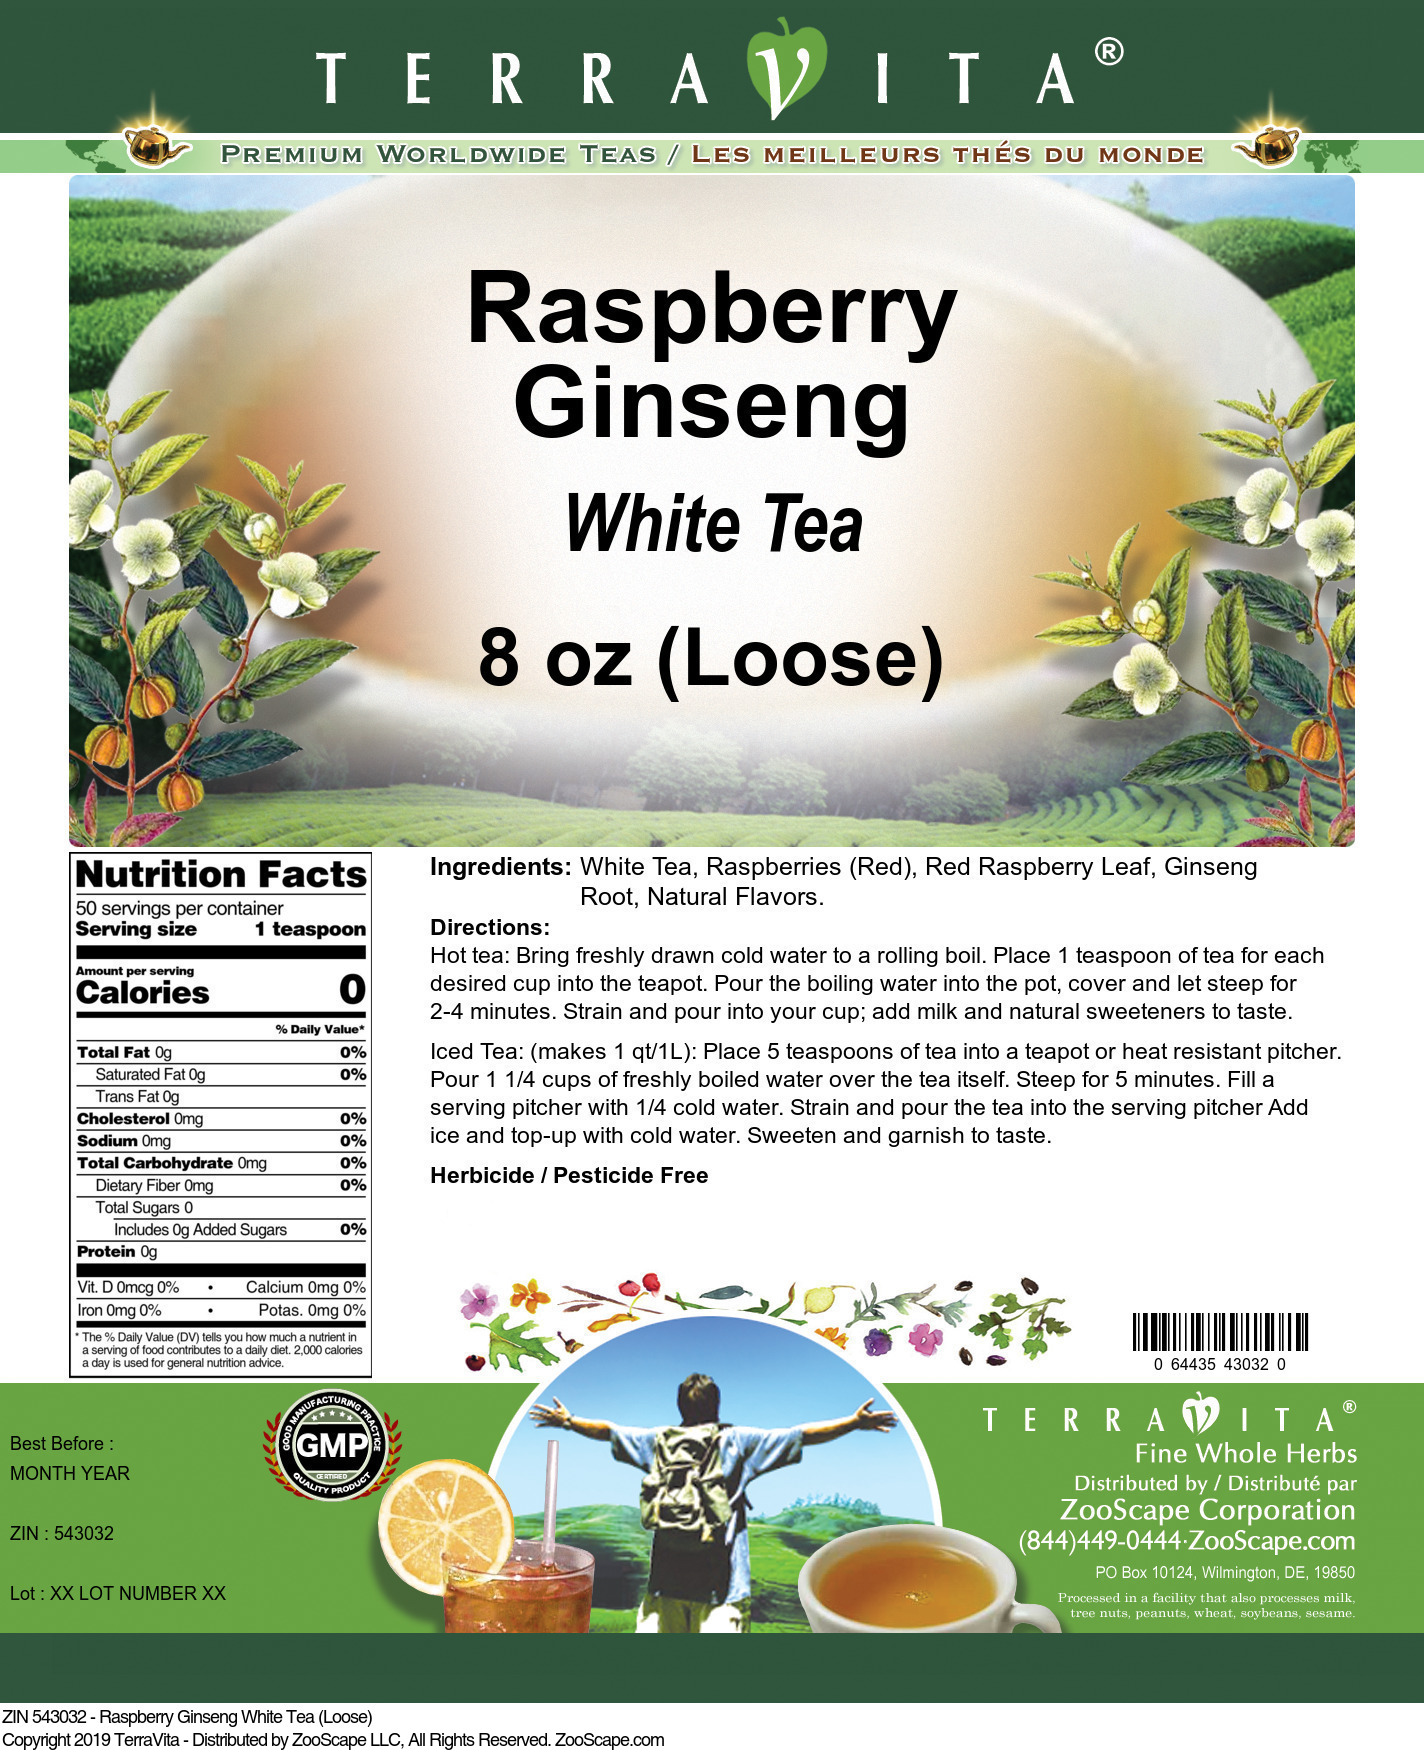 Raspberry Ginseng White Tea